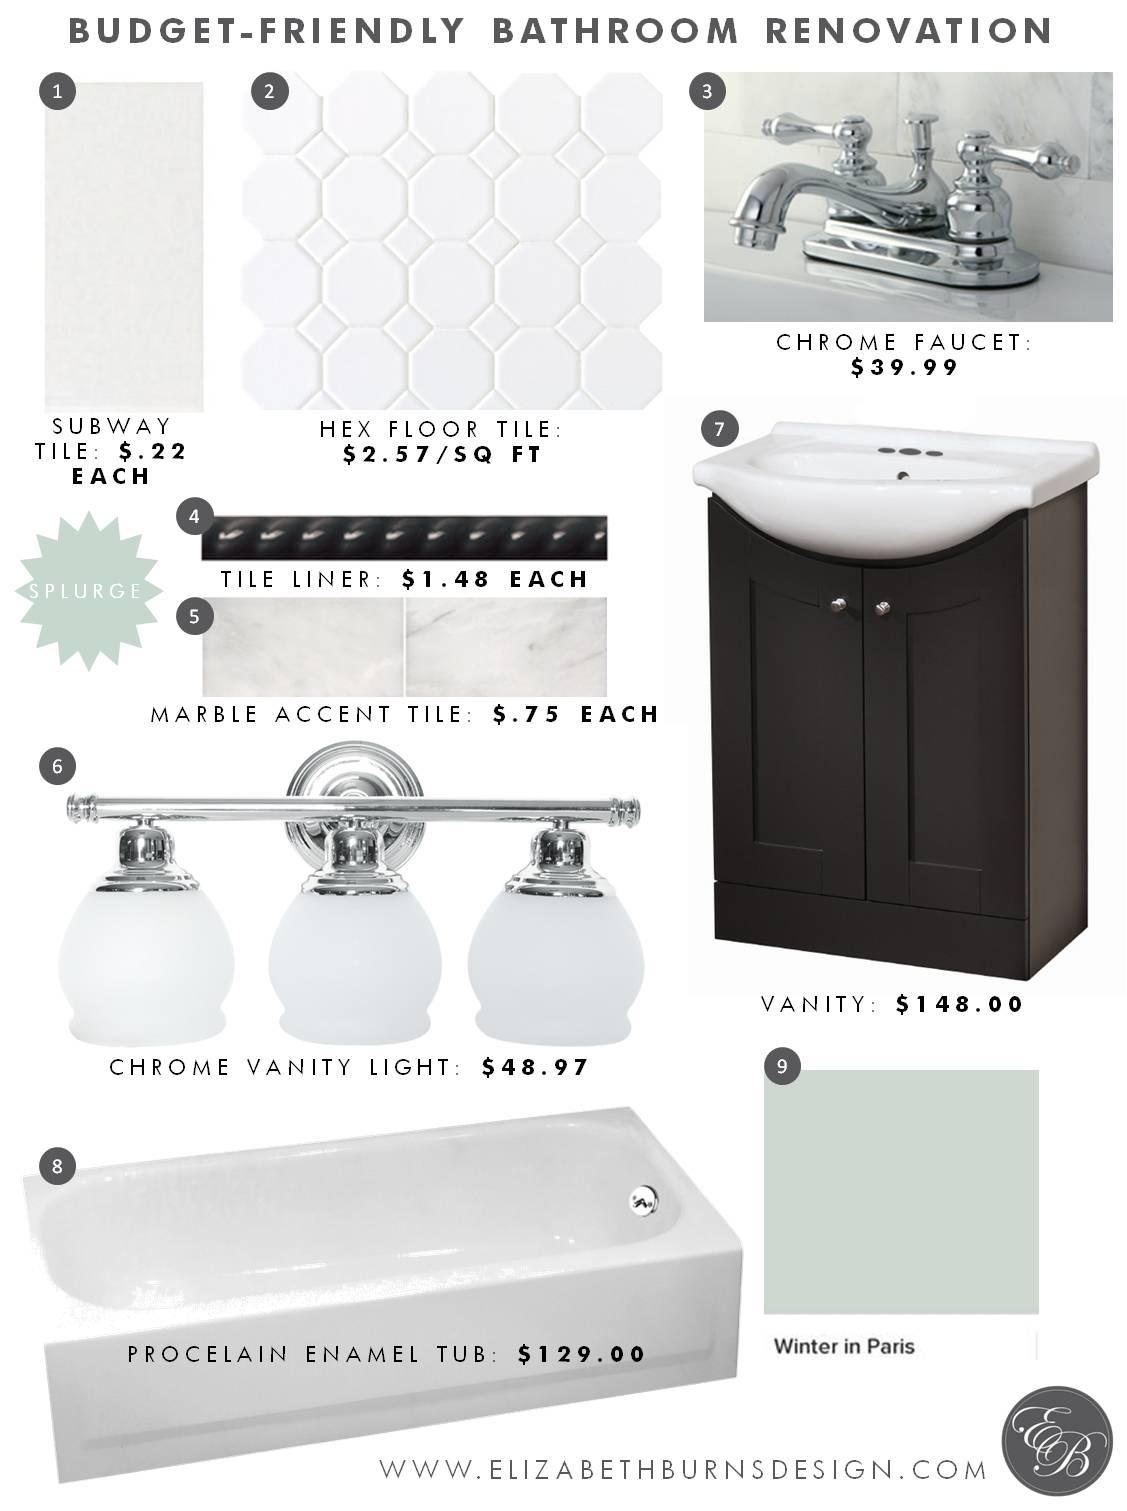 Elizabeth Burns Design | Budget Friendly Bathroom Design - Subway Tile, Chrome Faucet, Chrome Light, Marble Accent, Hex Tile